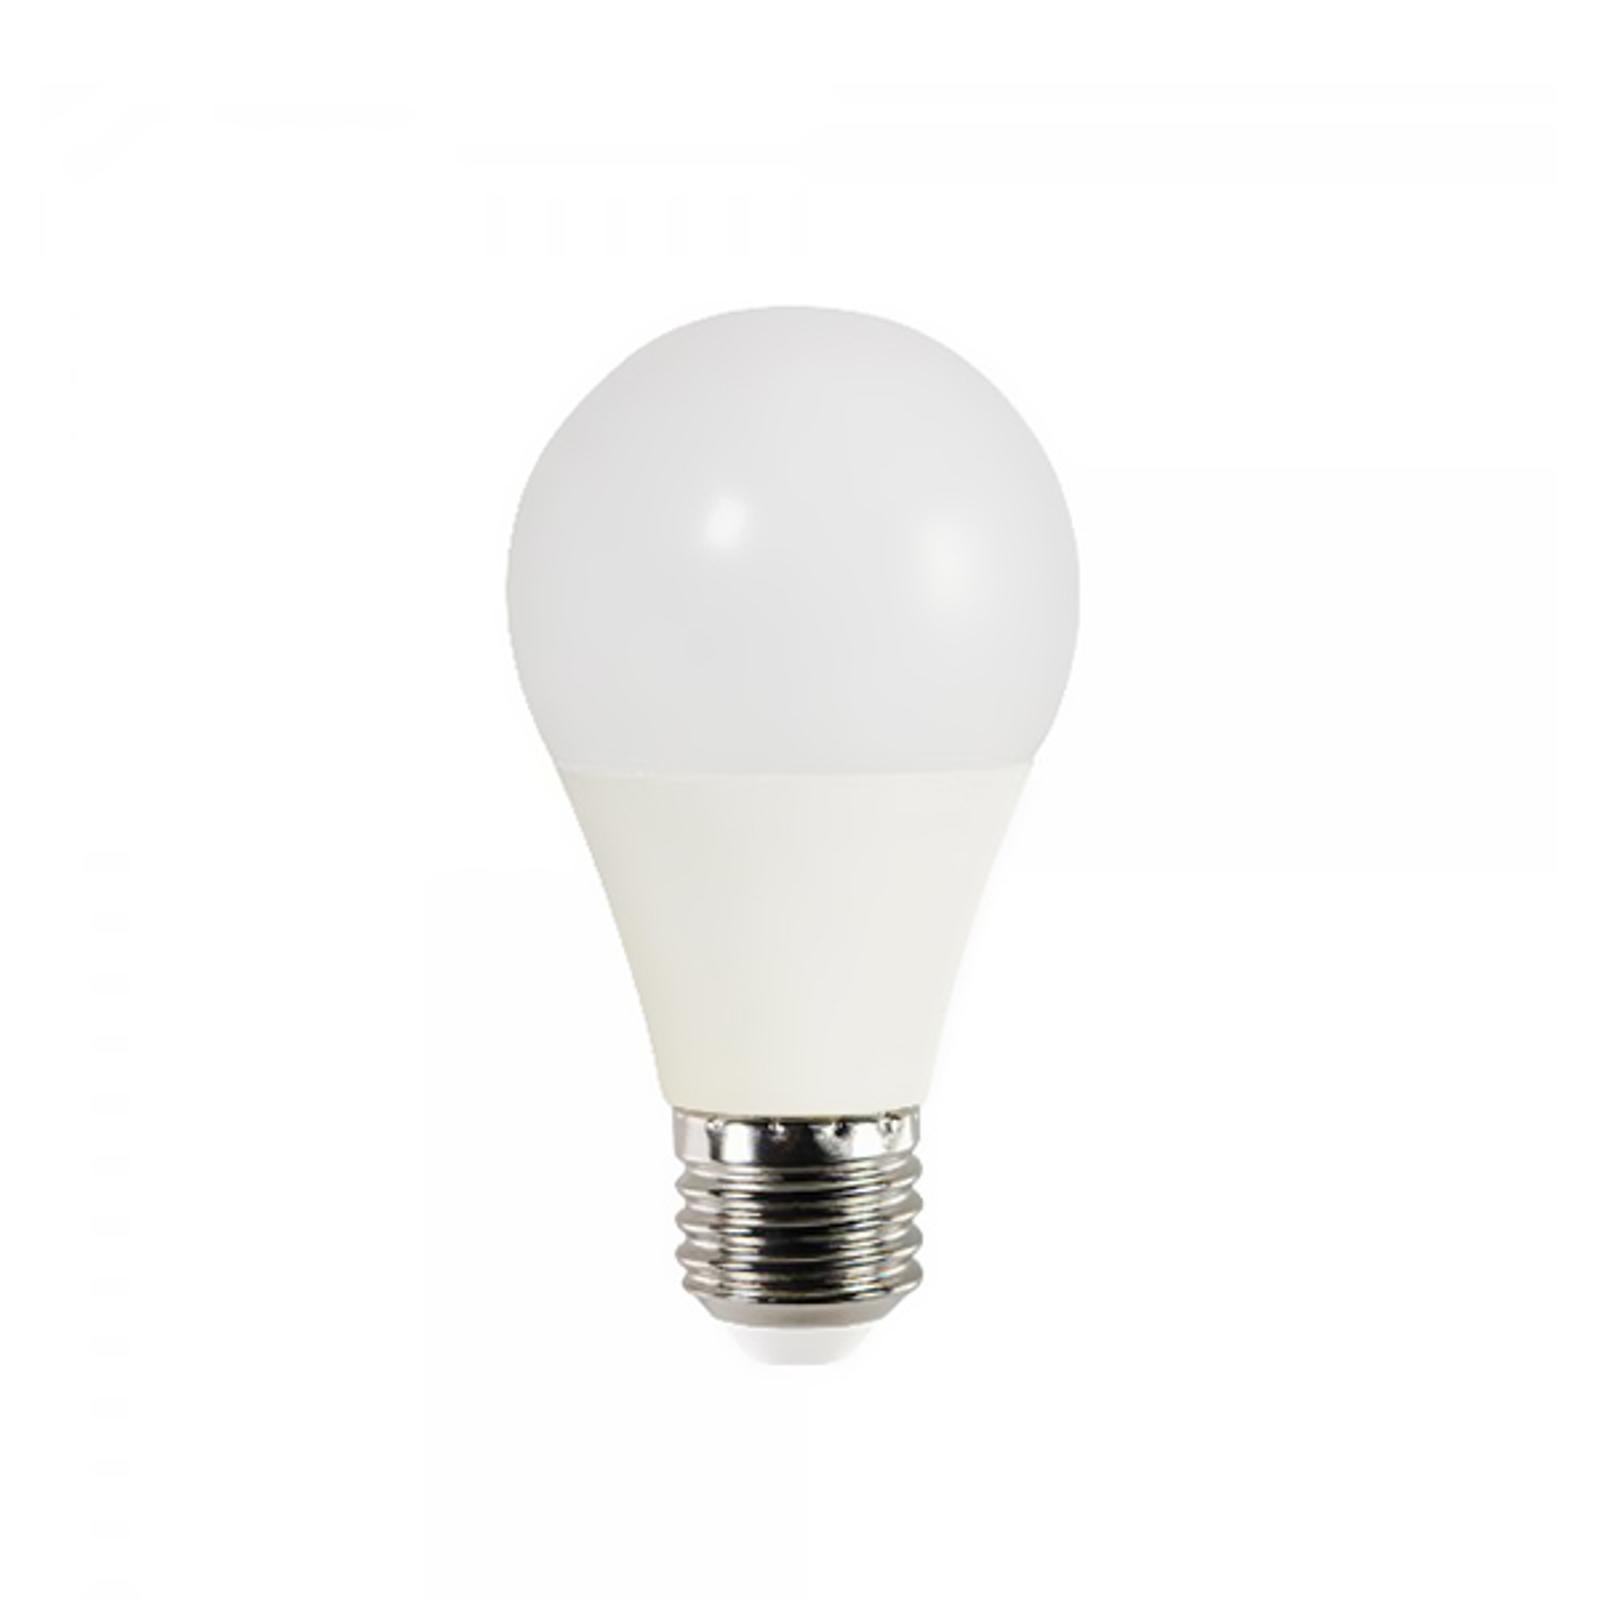 Lampadina LED a incandescenza E27 8 W 828 Araxa